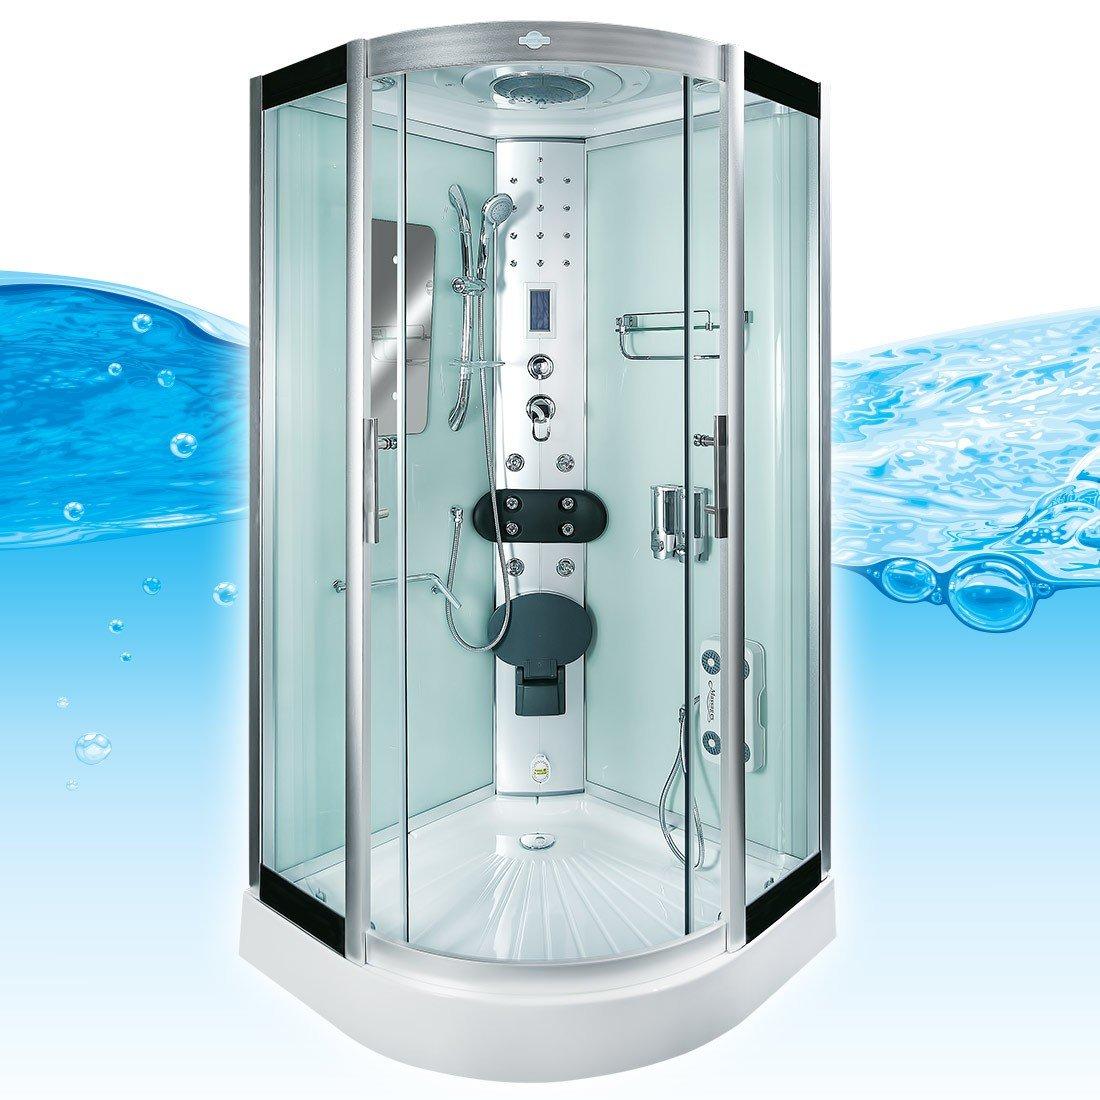 Duschkabine komplett  AcquaVapore DTP8046-5002 Dusche Dampfdusche Duschtempel ...